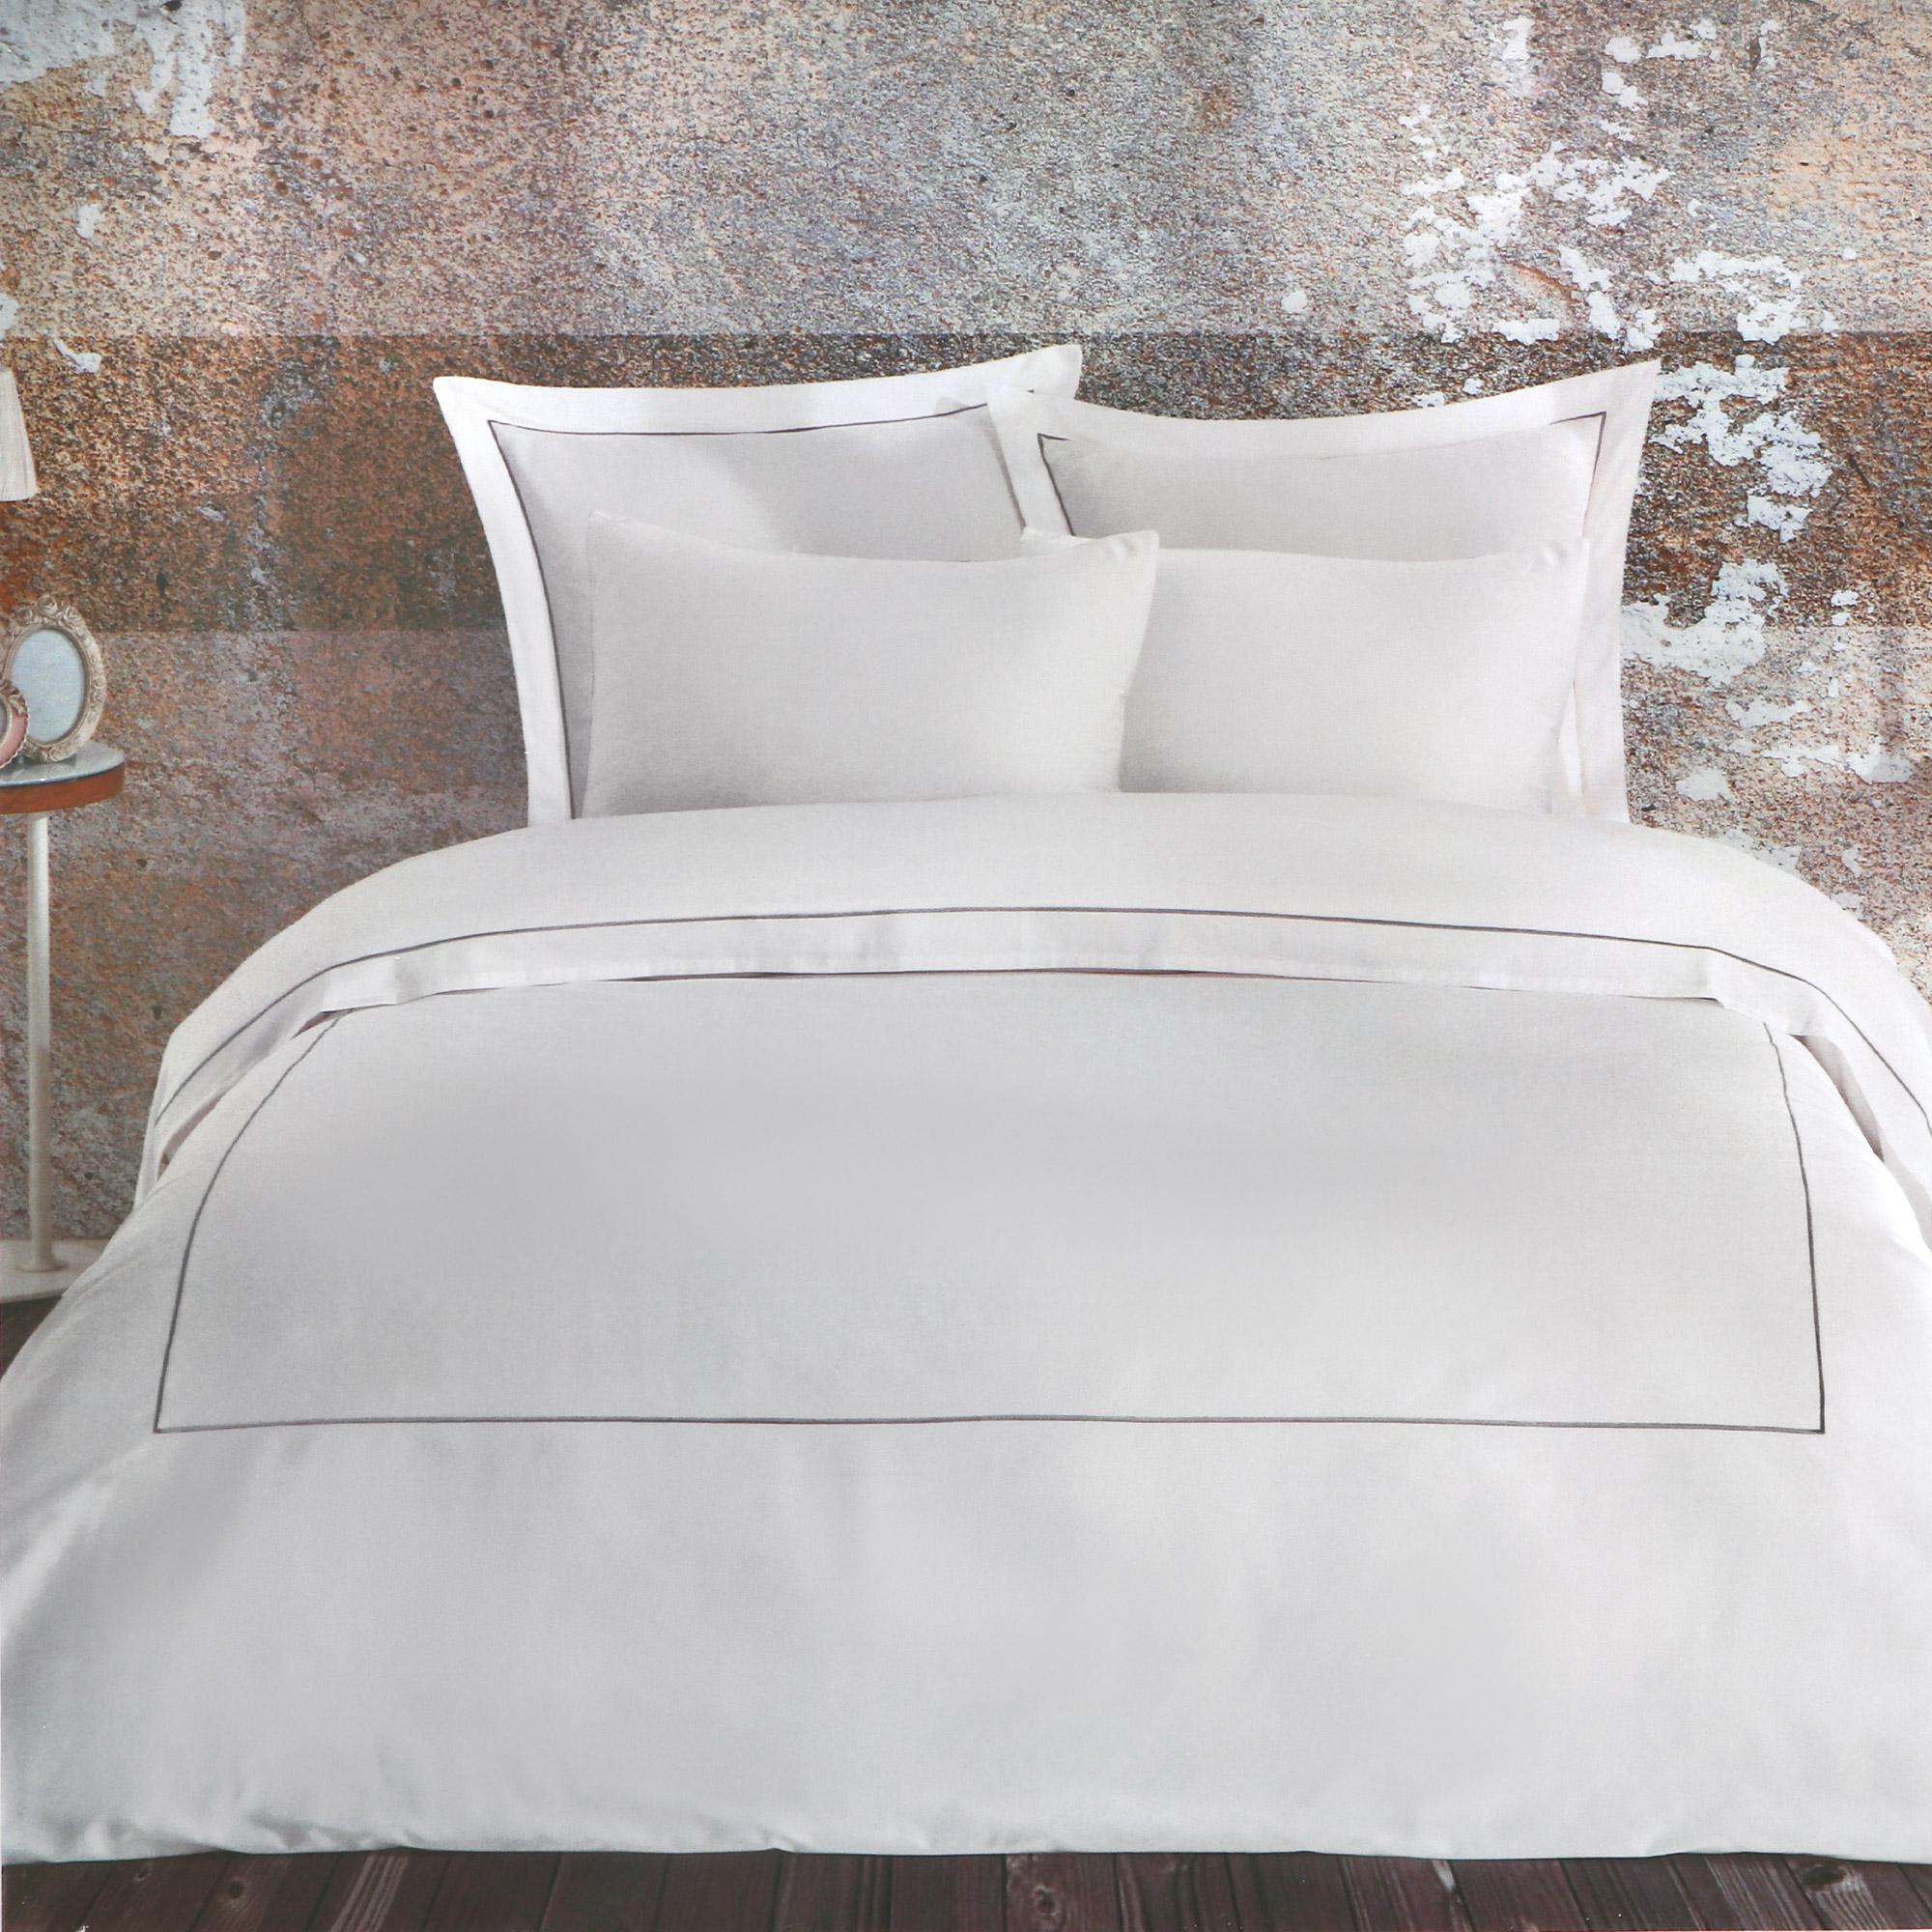 Постельный комплект Bella casa king size compact white